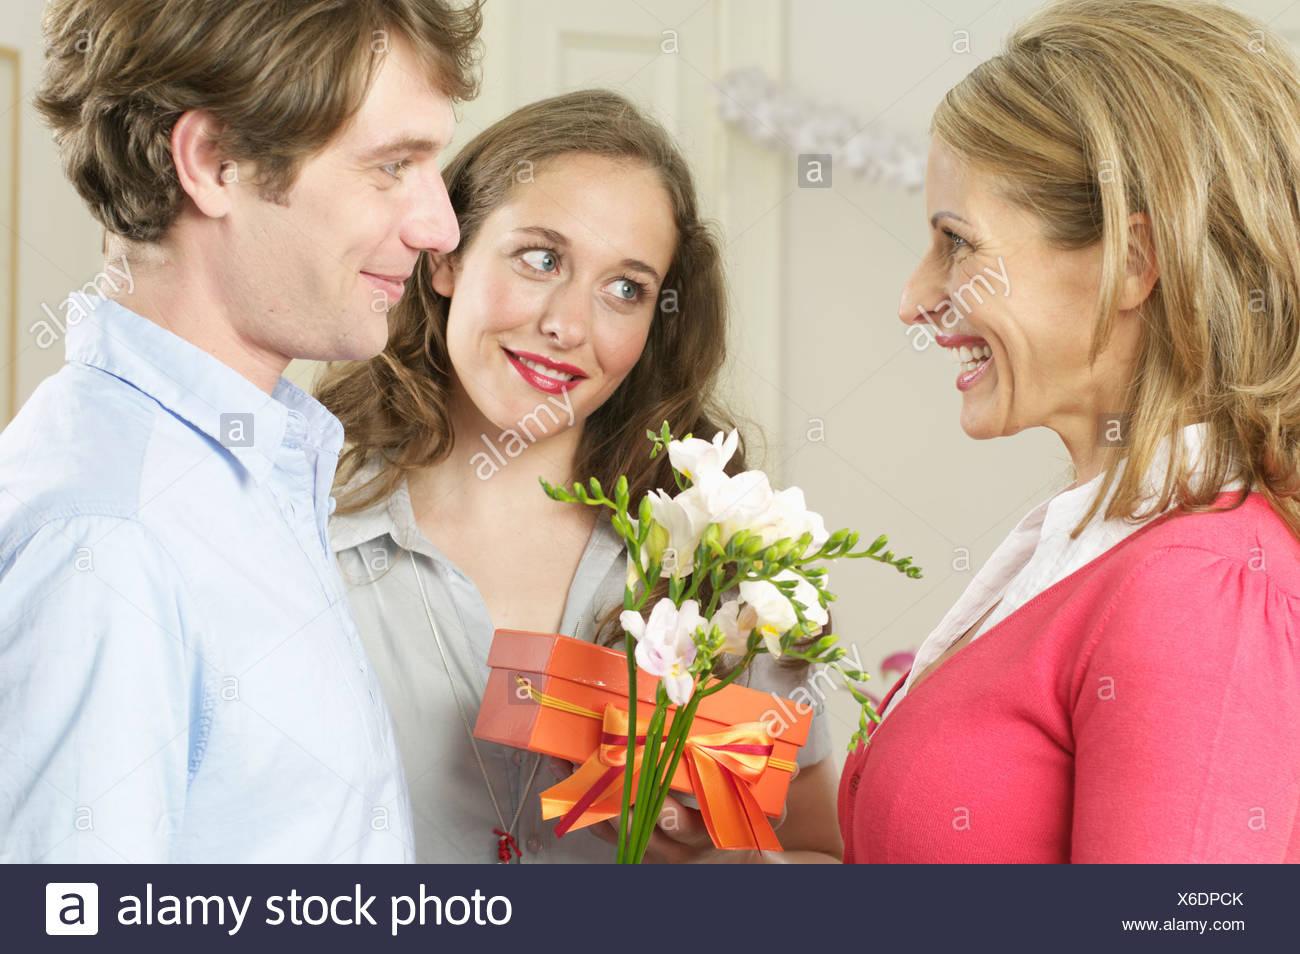 Deux personnes donner un cadeau à une autre personne Photo Stock